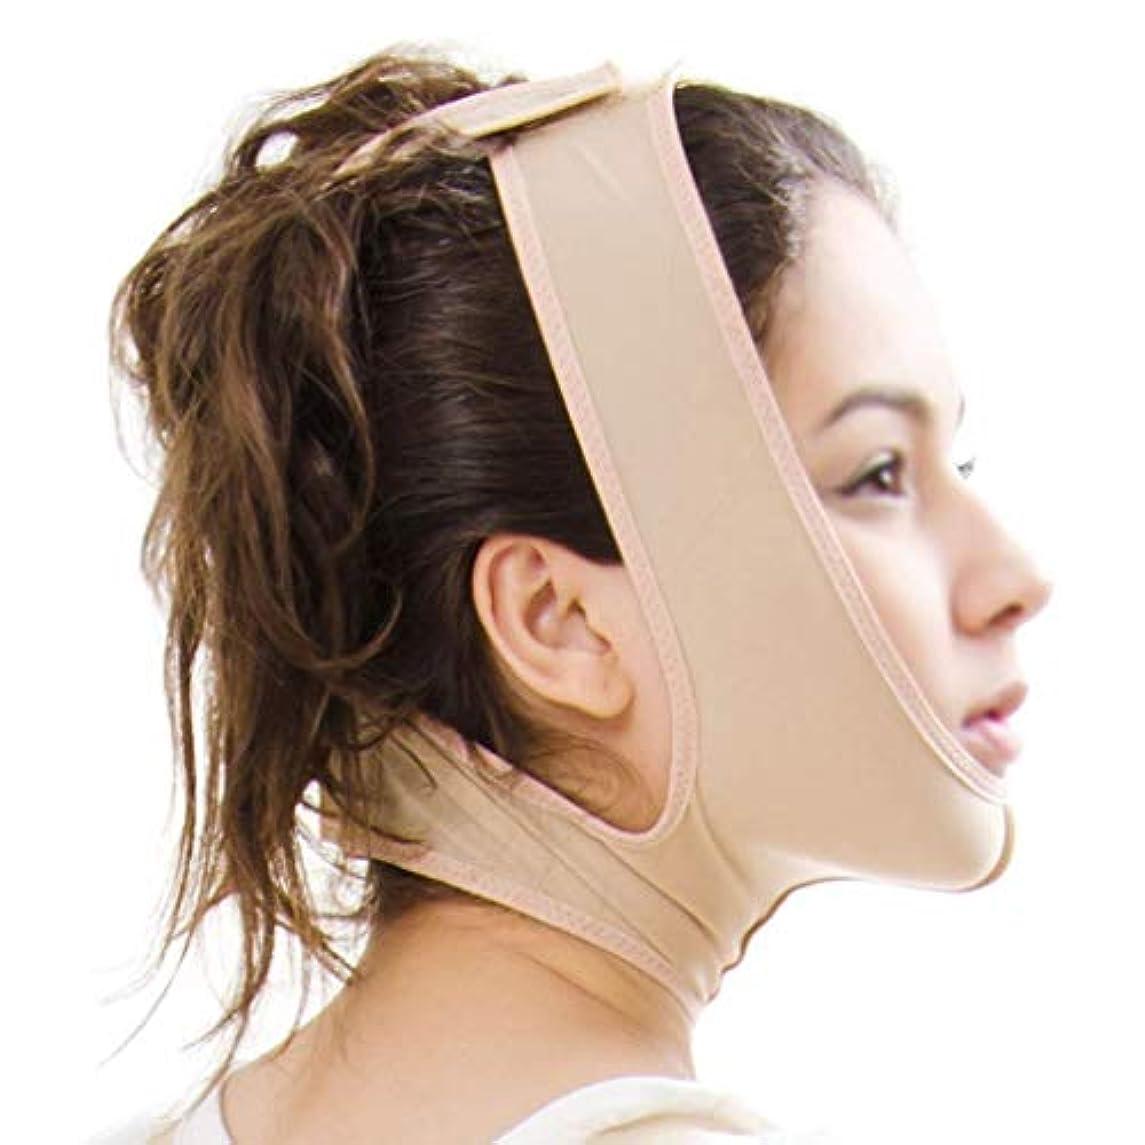 ライタービスケット金曜日顔のリフティング包帯、あごの首と首のあごの二重顔、脂肪吸引術、術後創傷マスク(サイズ:XXL)